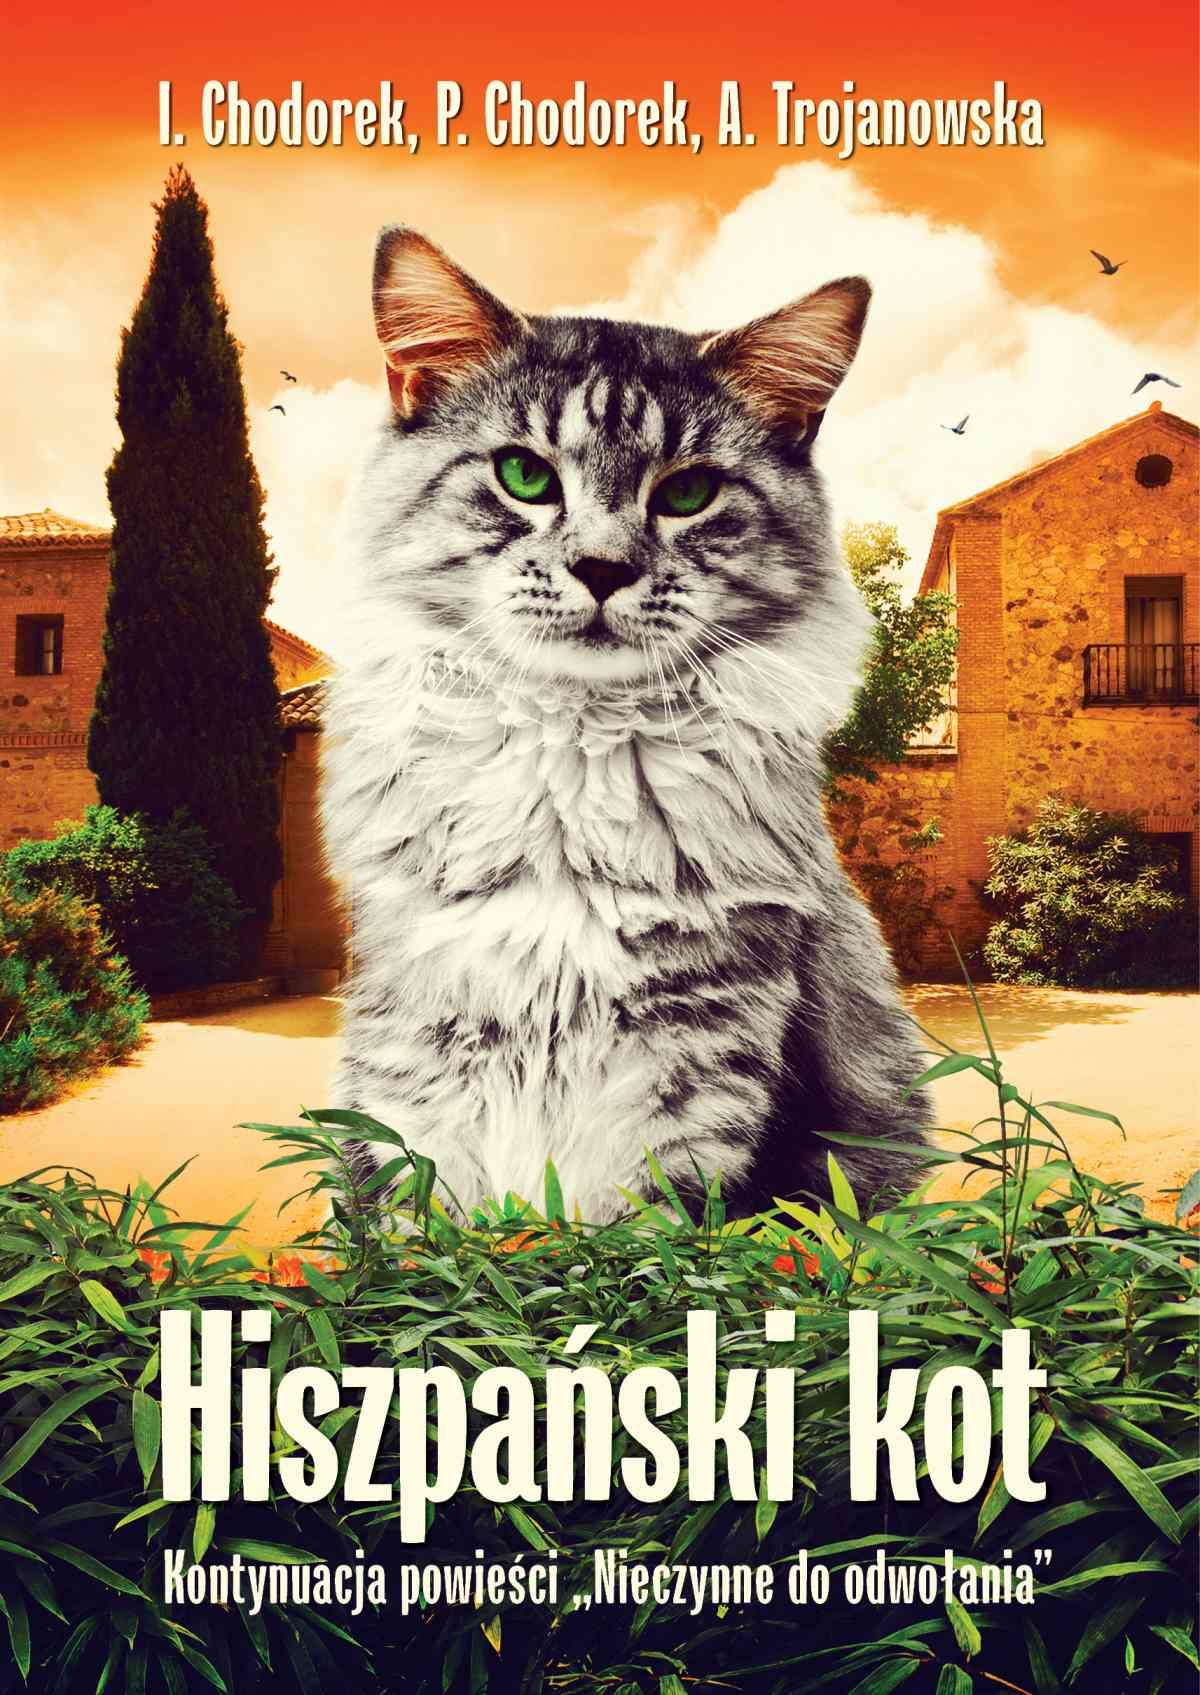 Hiszpański kot - Tylko w Legimi możesz przeczytać ten tytuł przez 7 dni za darmo. - Iwona Chodorek, Piotr Chodorek, Anula Trojanowska